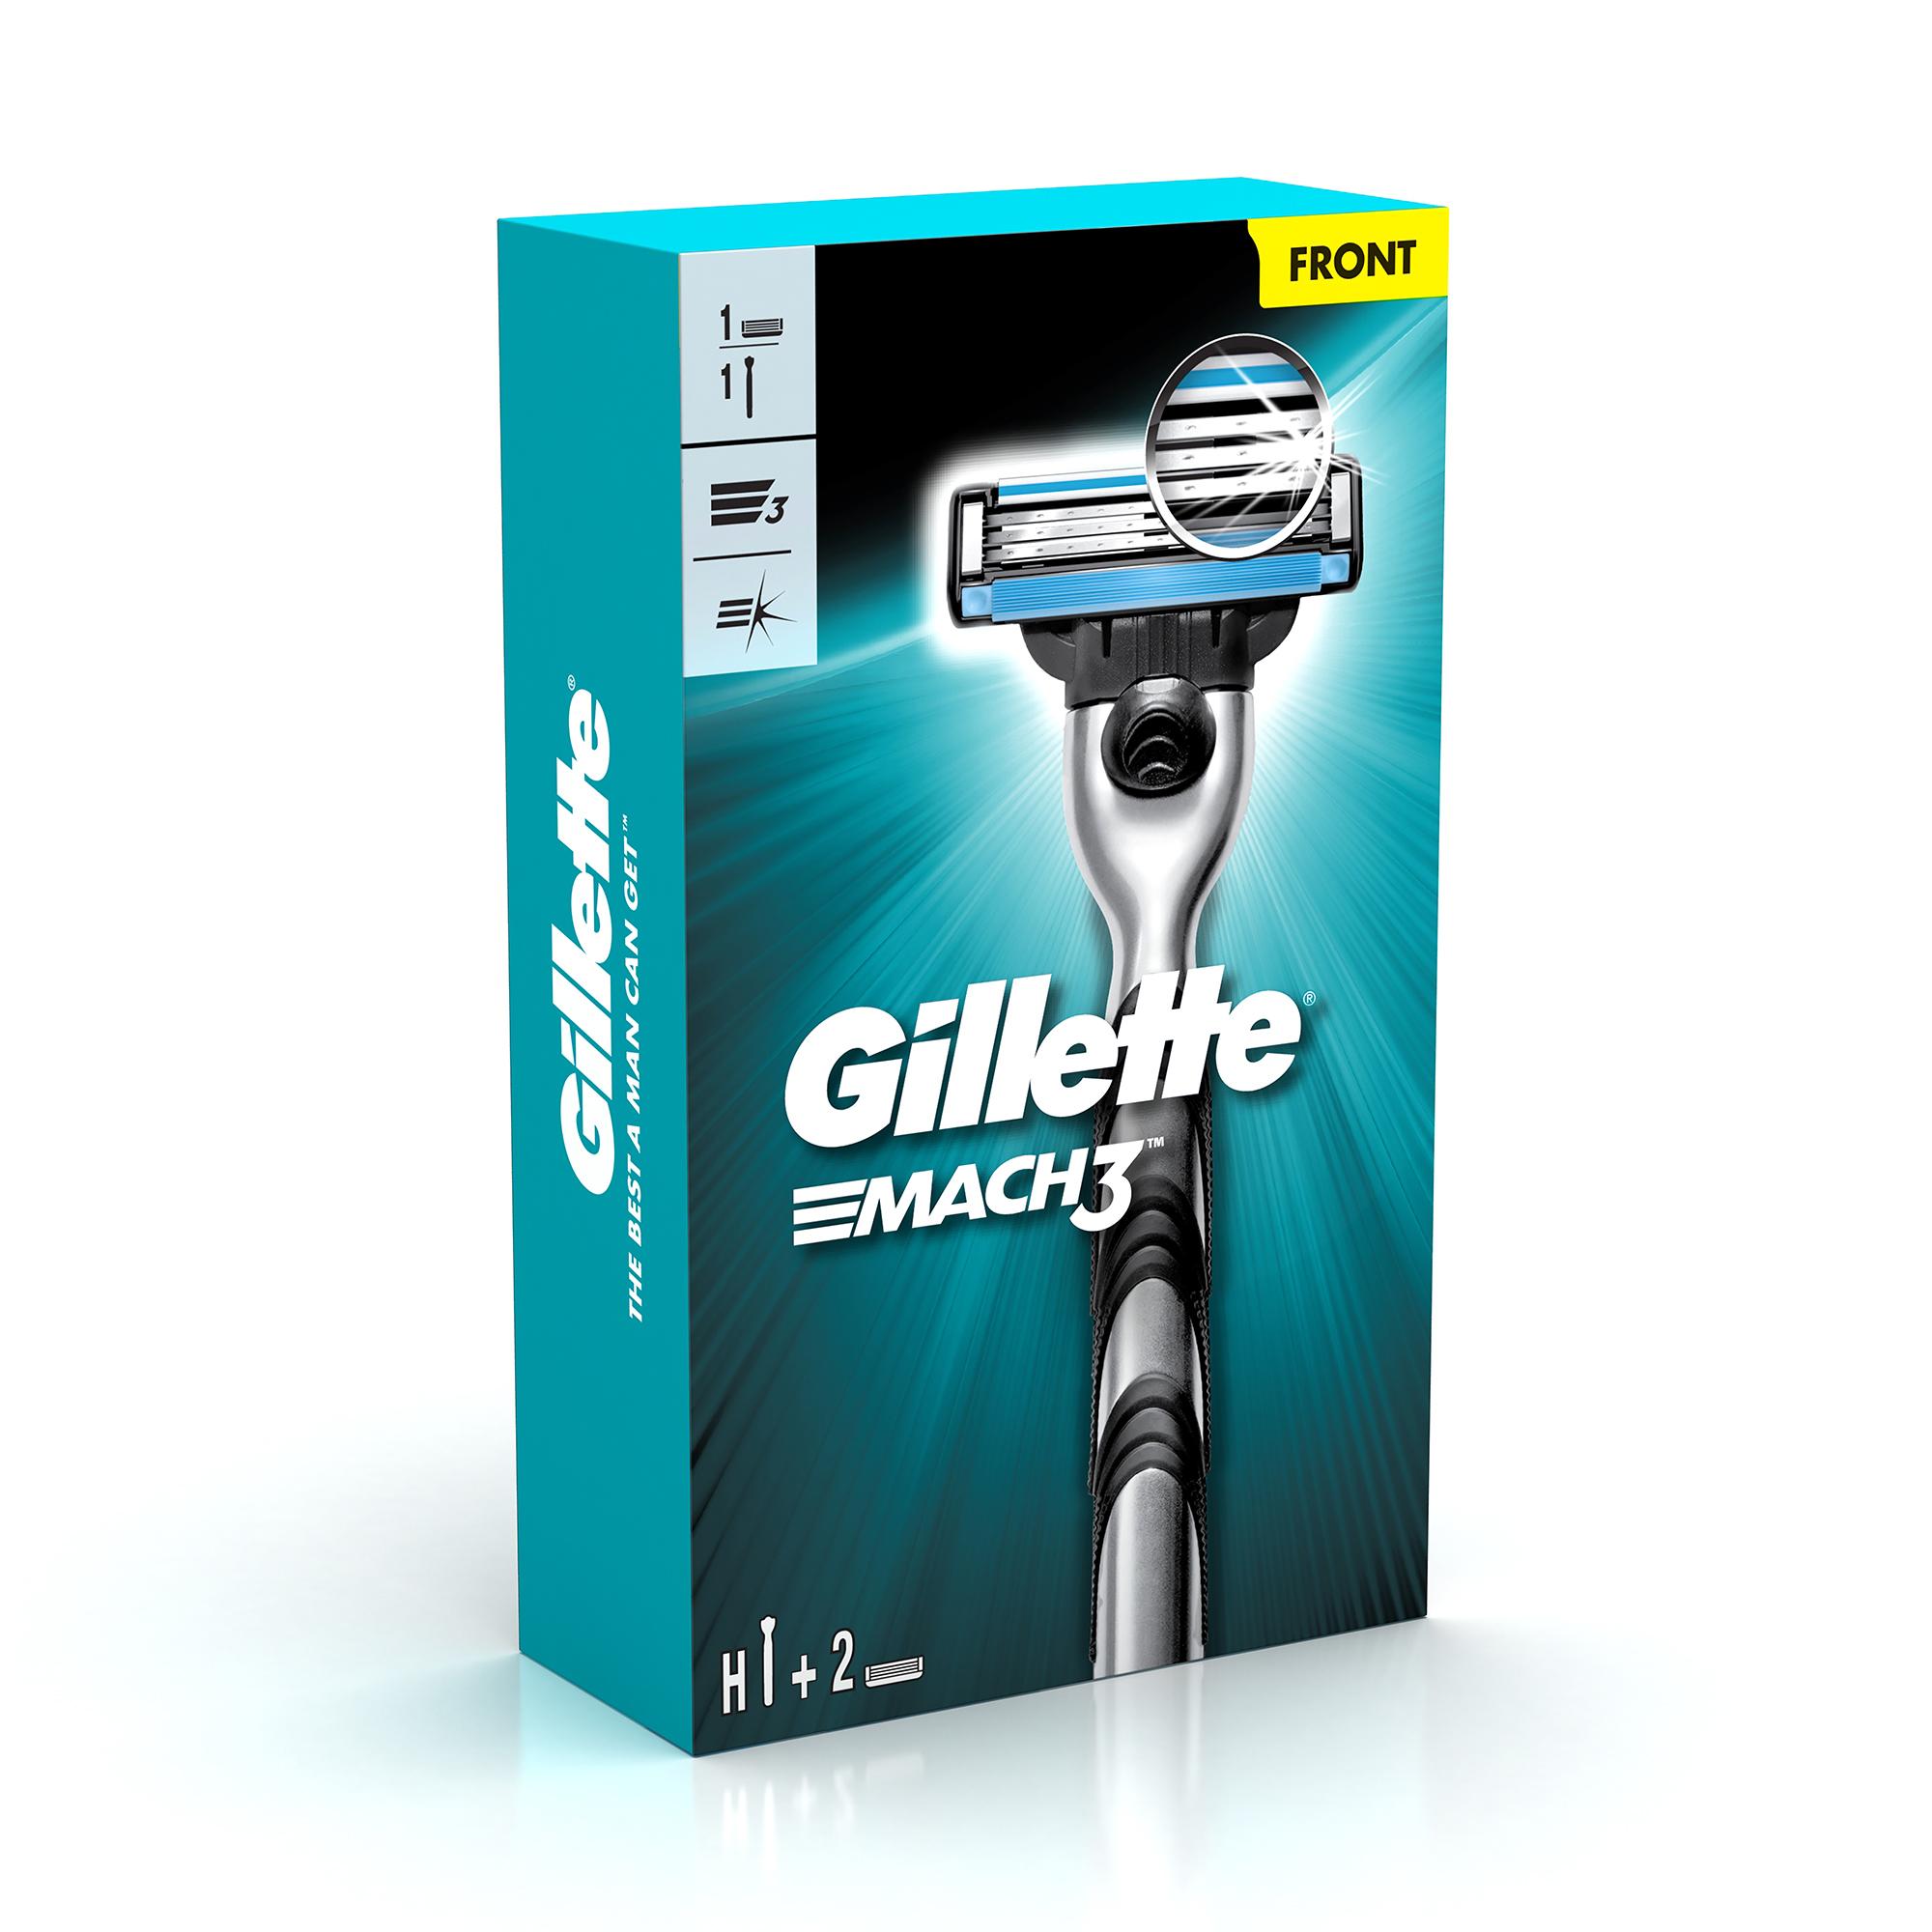 Gillette Mach 3 razor + 1 Shaving Blade